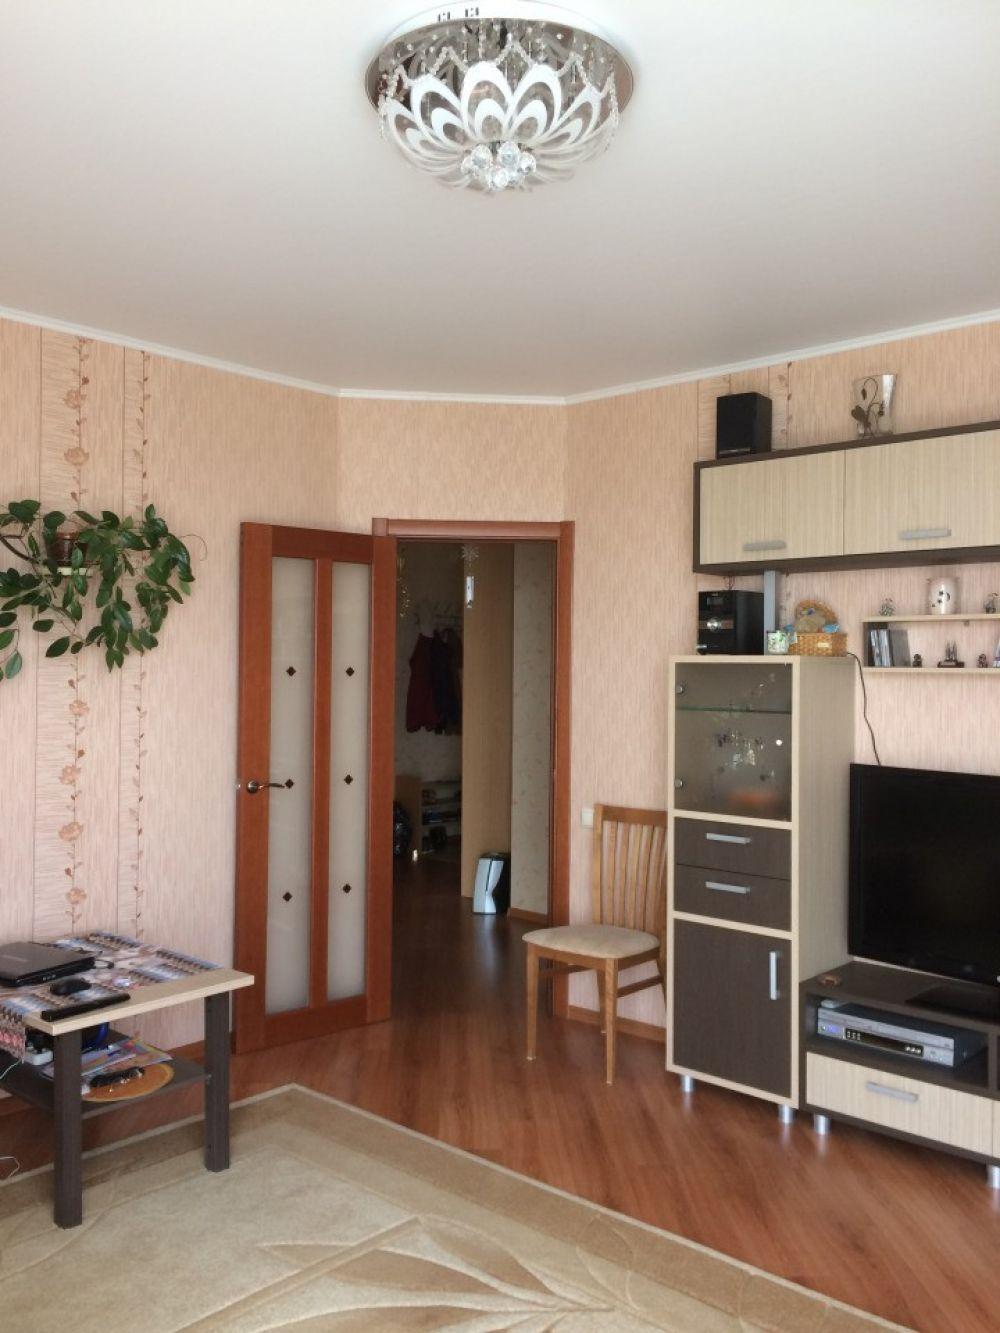 3-к квартира, Щелково, улица Шмидта, 6, фото 20